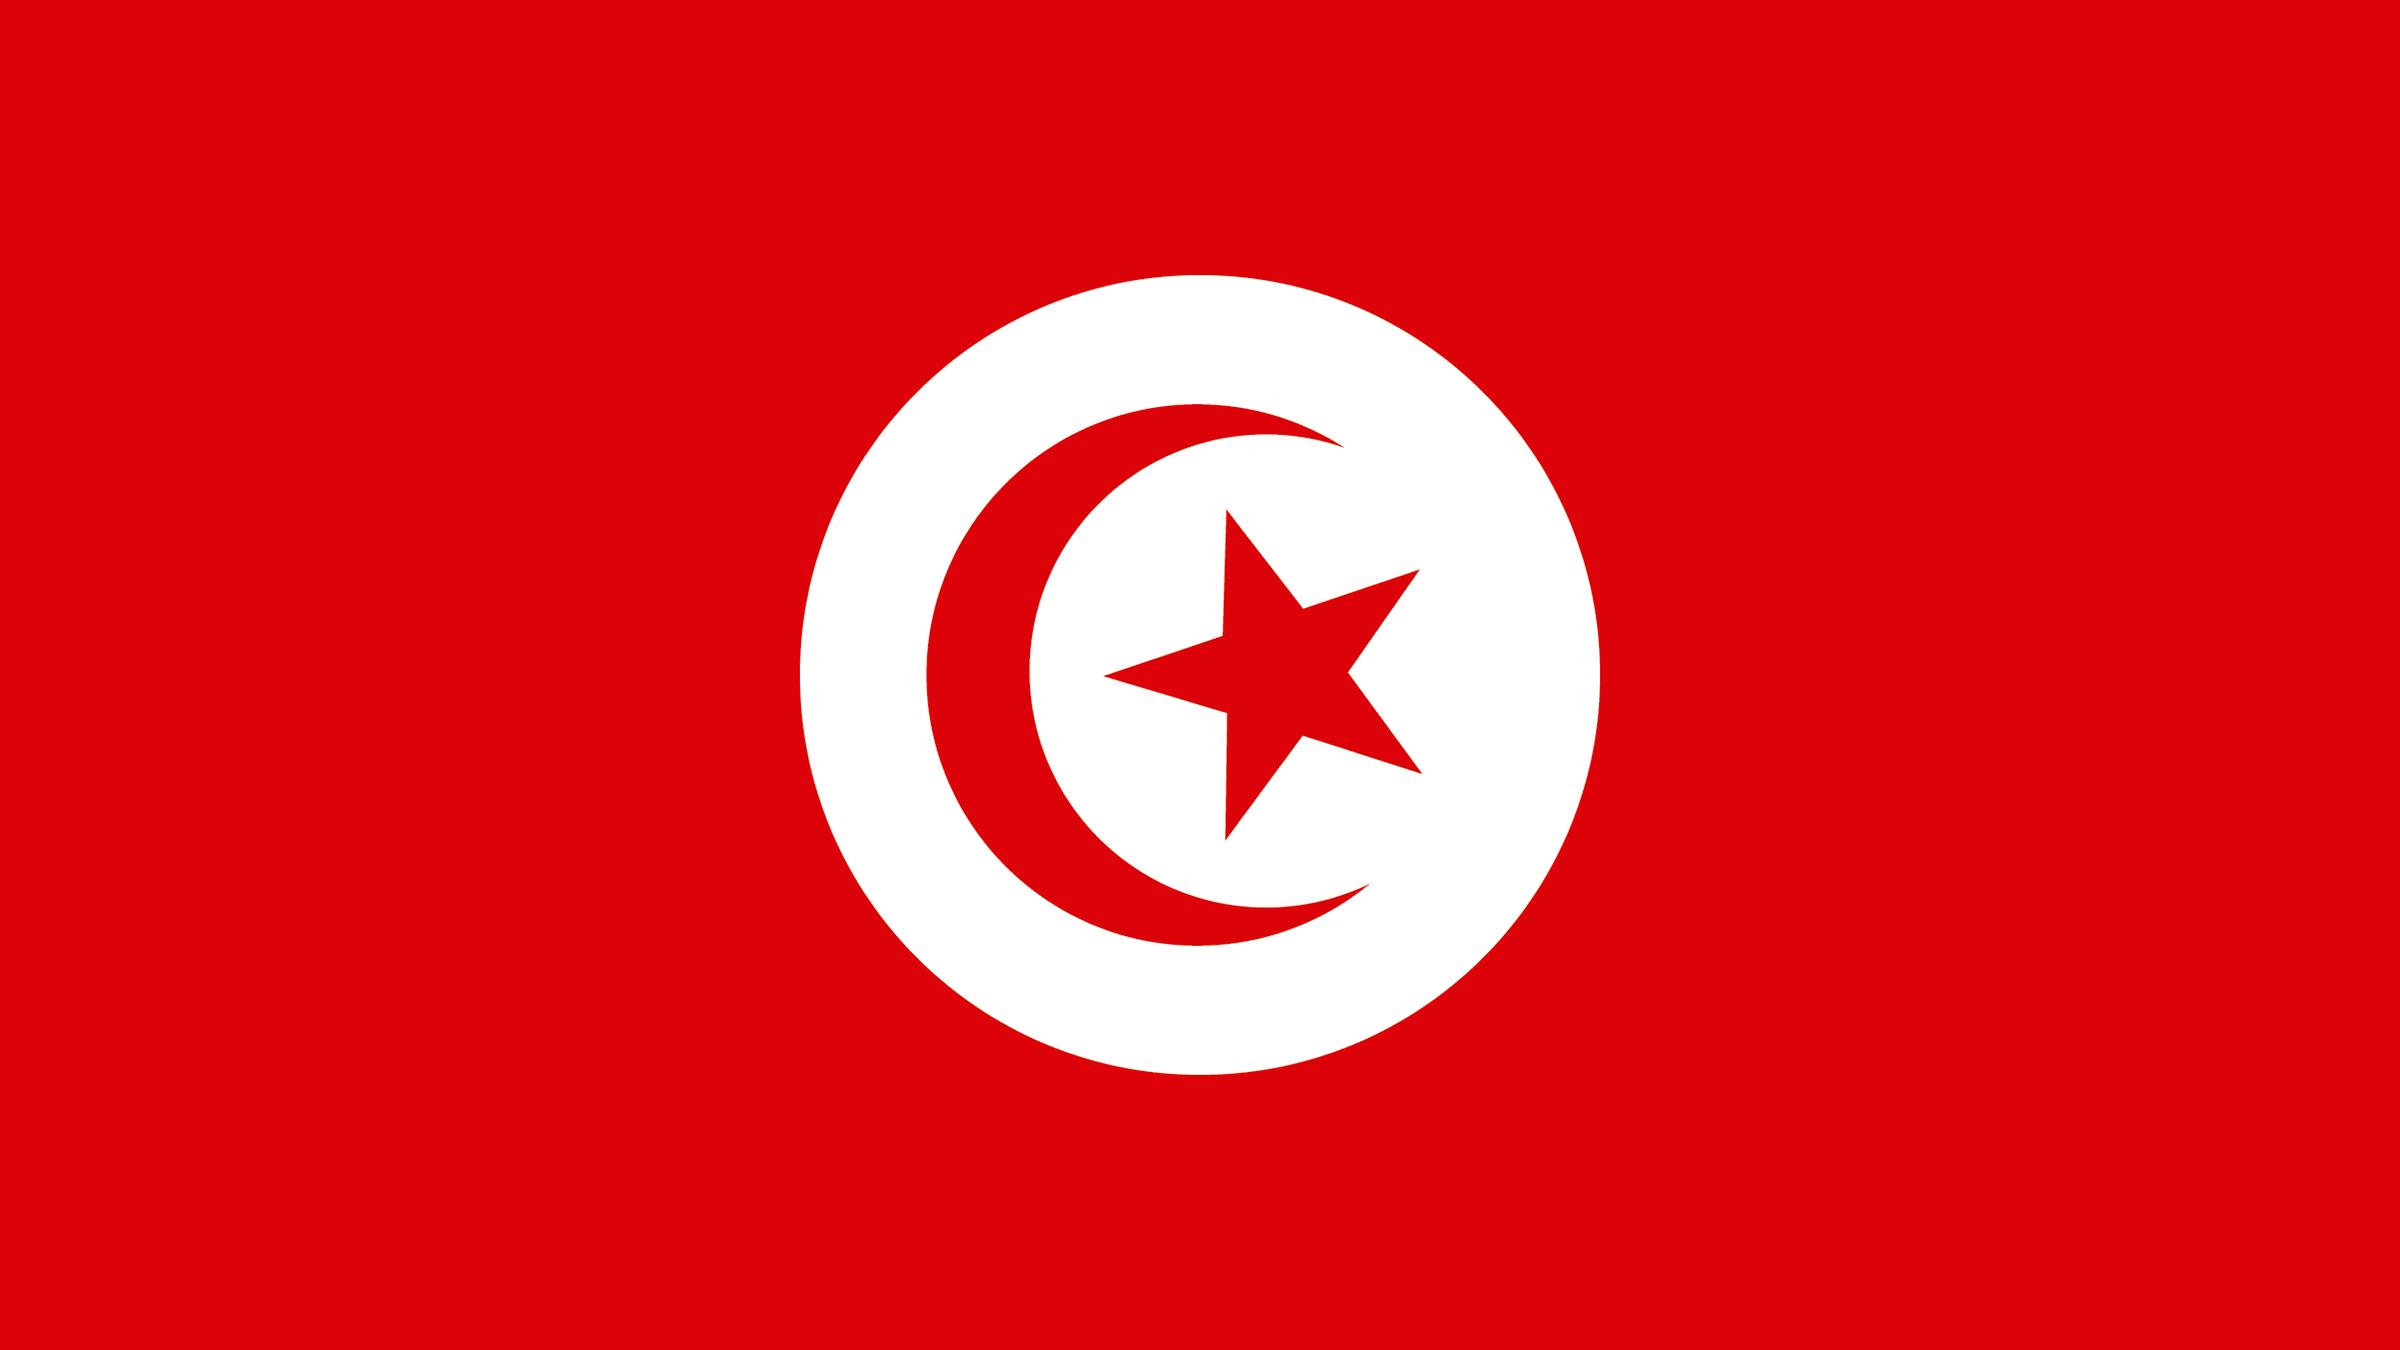 La similitud entre las banderas de Túnez y Turquía   Banderas y ...